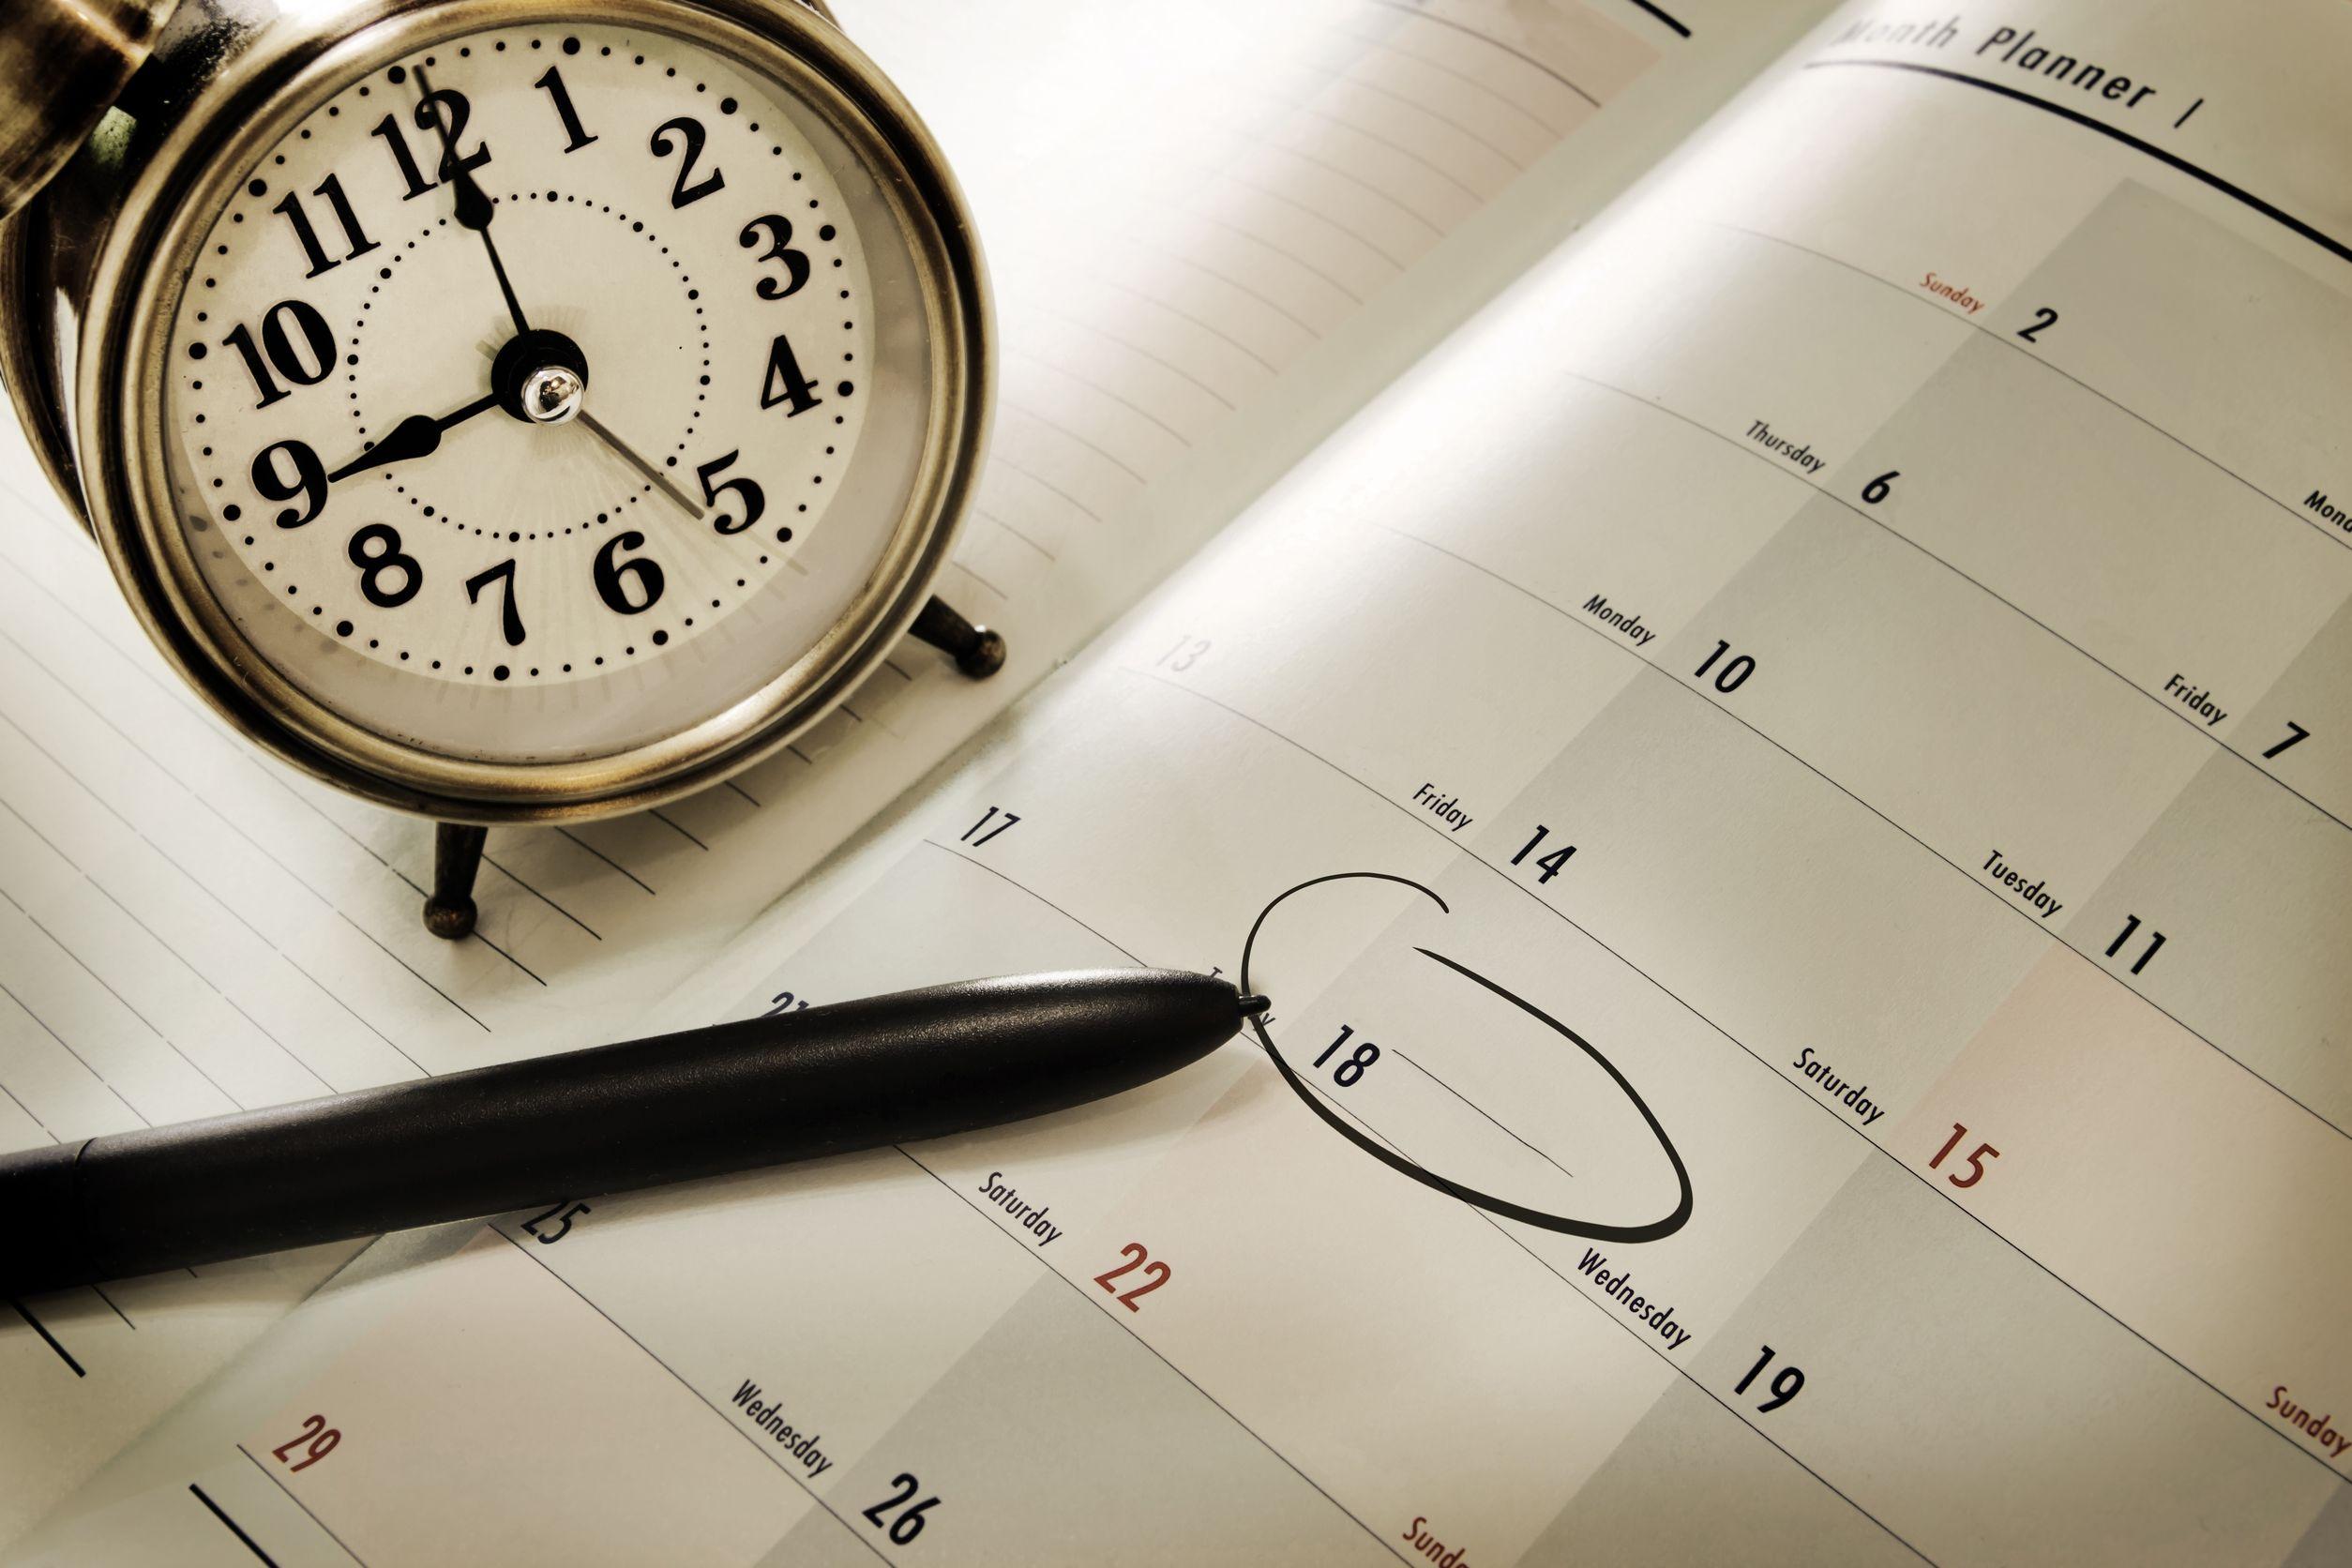 Срок в двое суток начинает исчисляться с момента выявления нарушения, вплоть до часа и минуты.